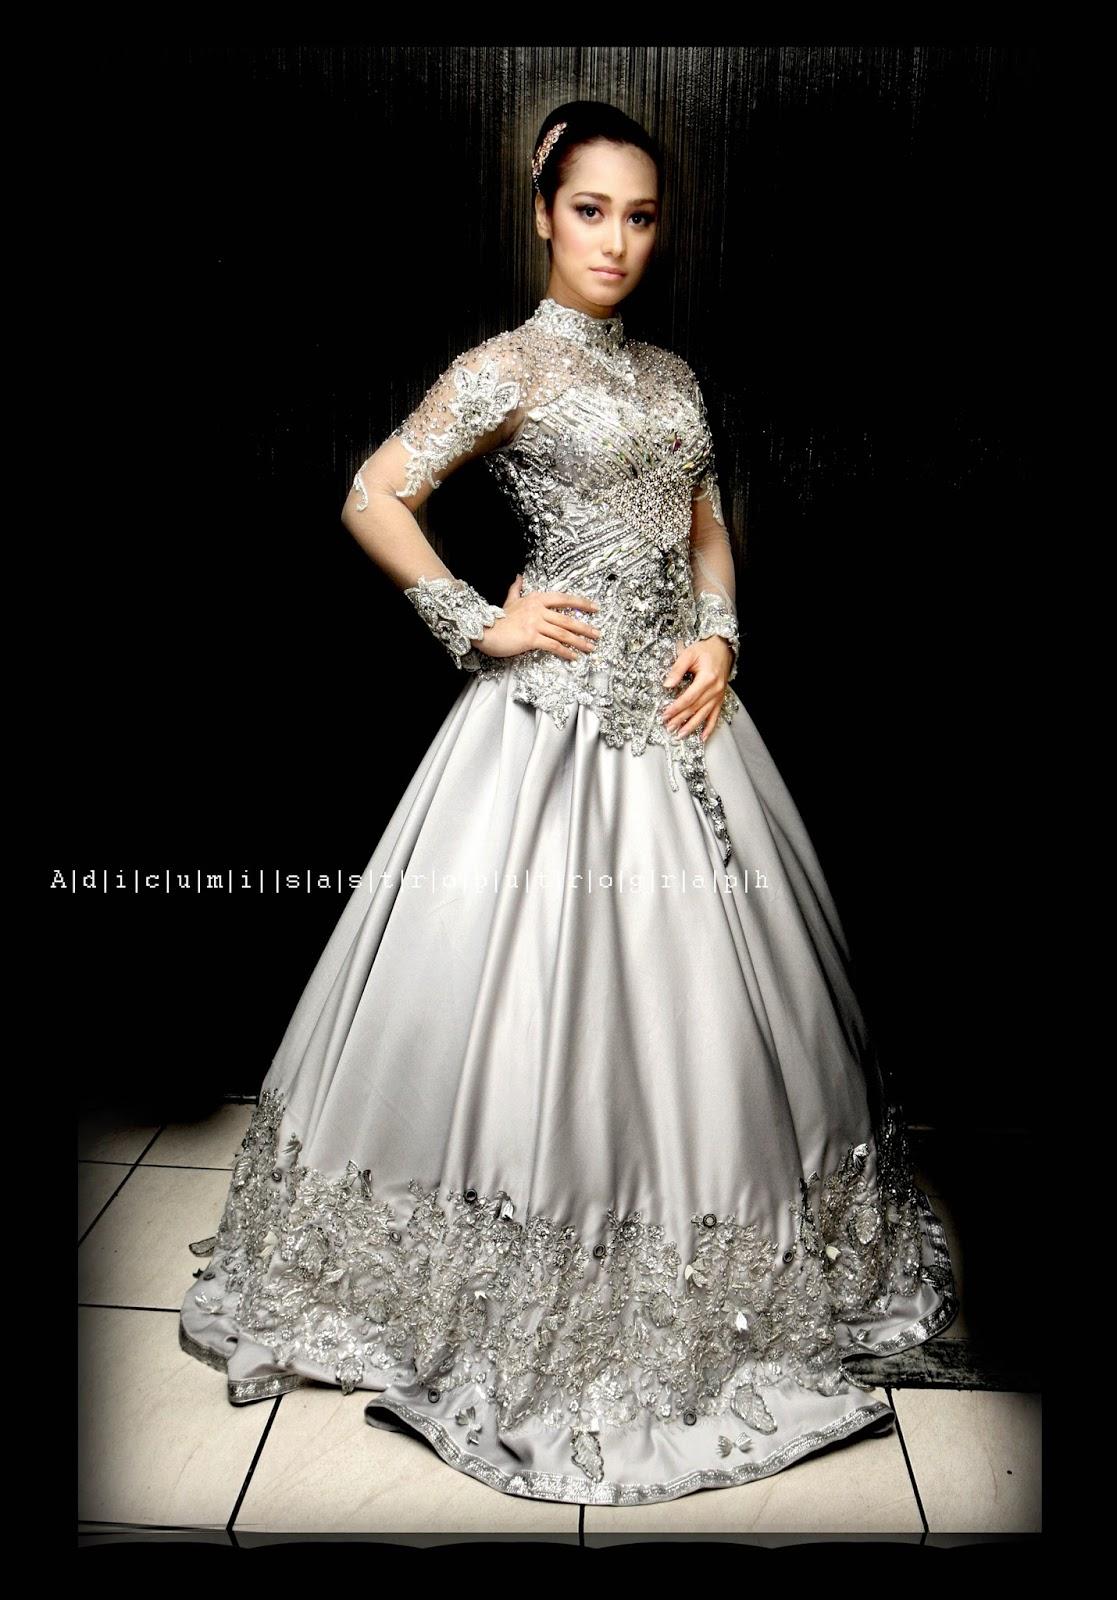 Model Baju Kebaya Koleksi Kebaya Anne Avantie Gambar | Tattoo Design ...